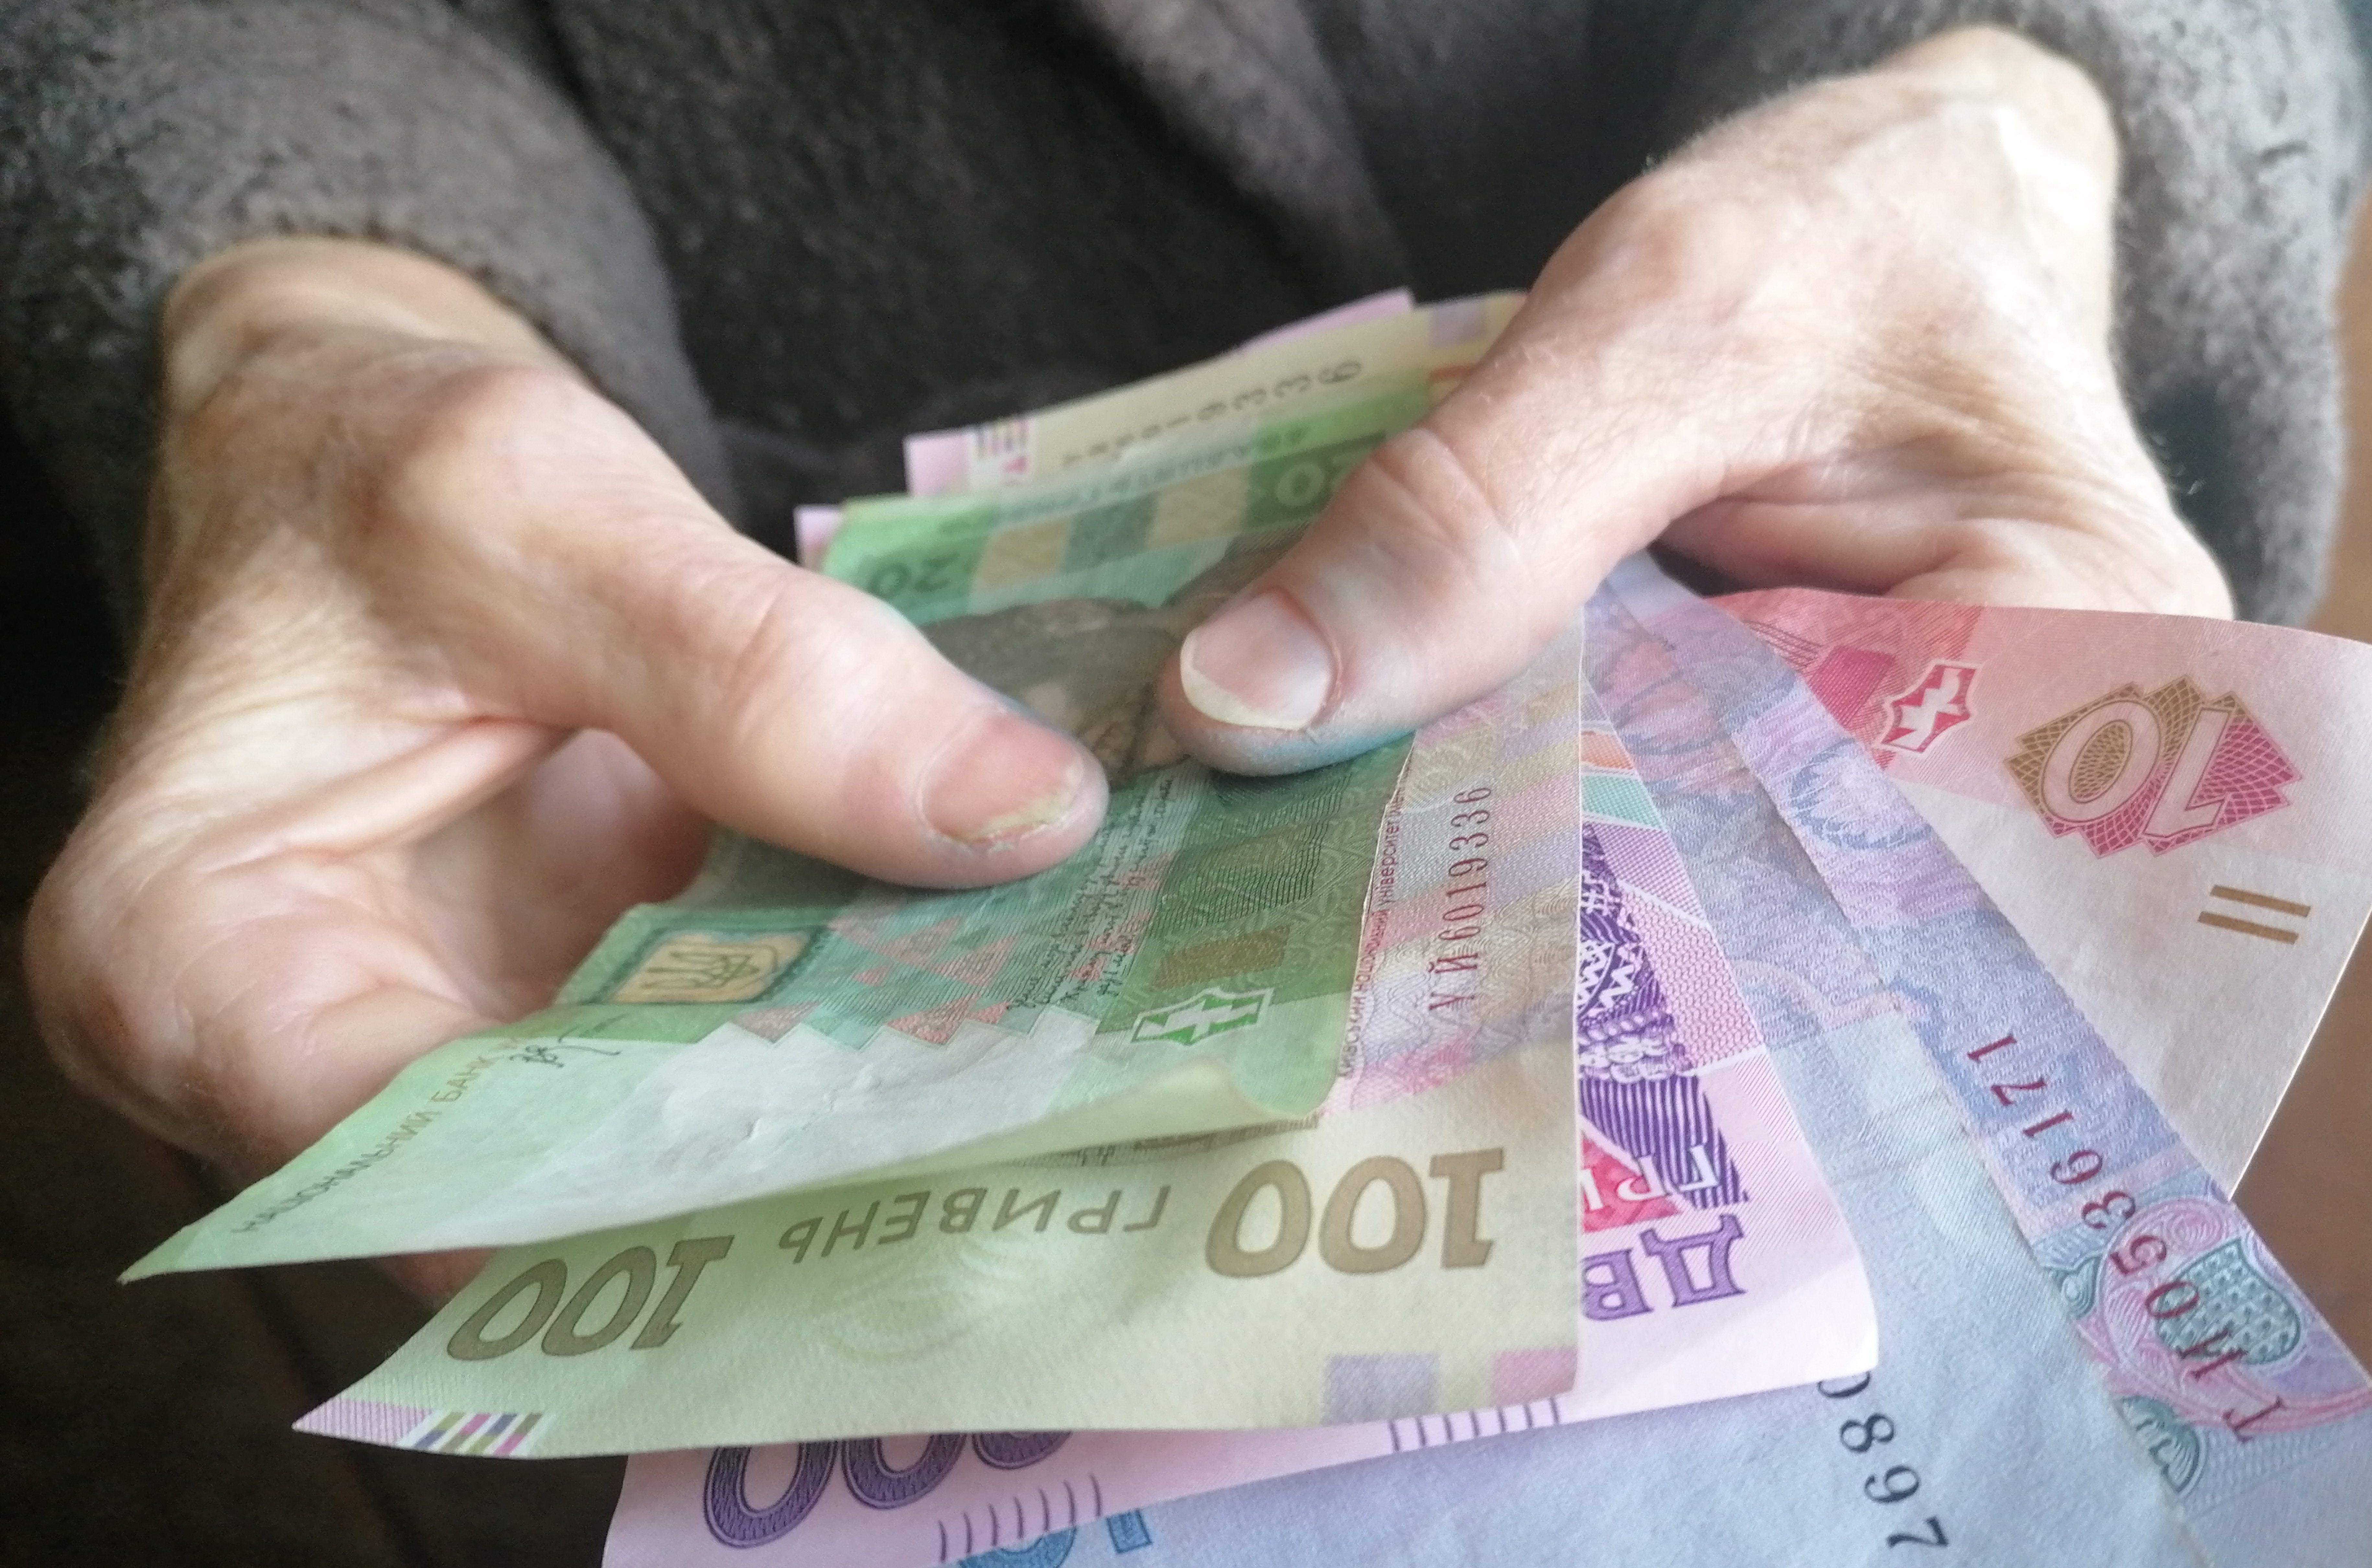 Дітям і пенсіонерам збільшили розмір соціальної допомоги